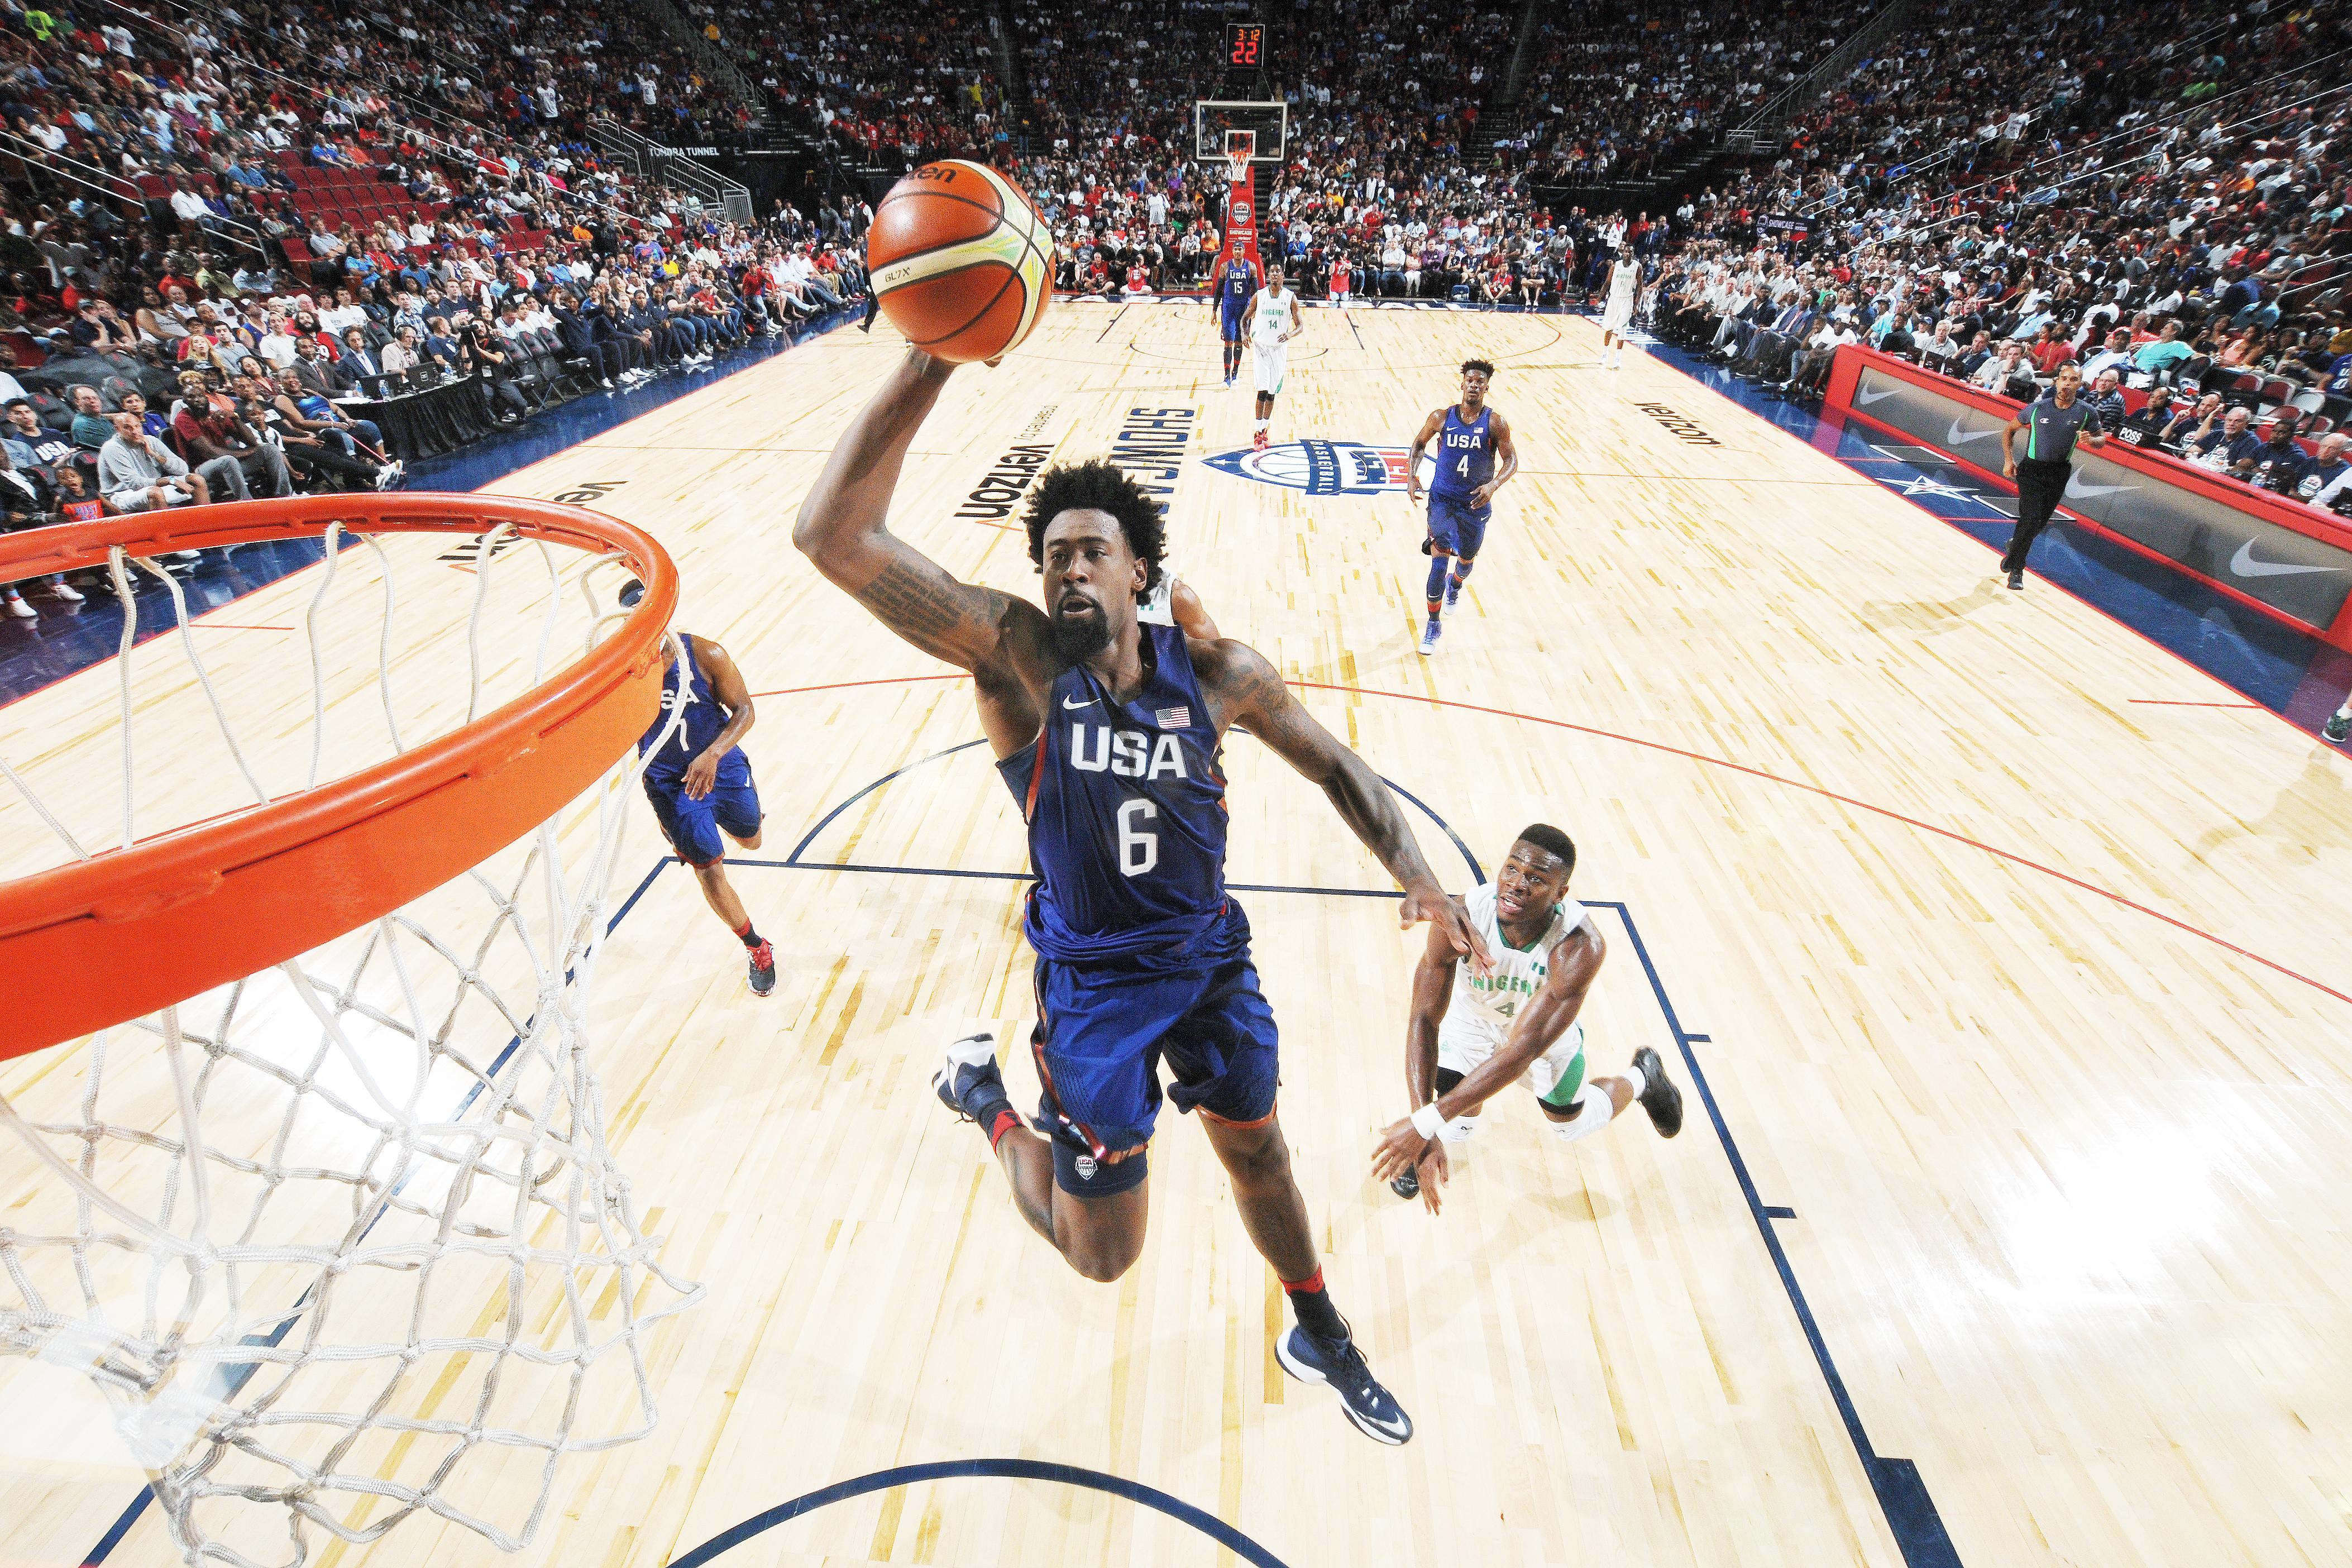 d81e16950021 1  DeAndre Jordan  6 of the USA Basketball Men s National Team goes for the